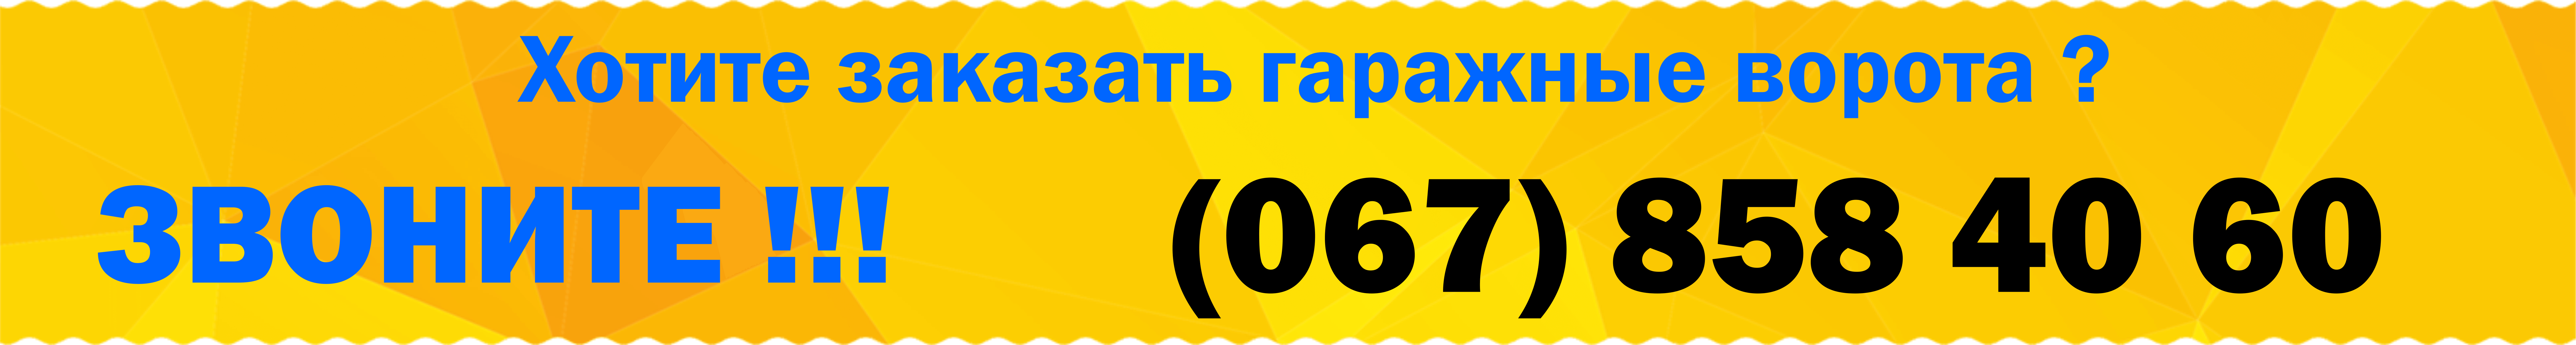 10 2 - Гаражные ворота Днепропетровск